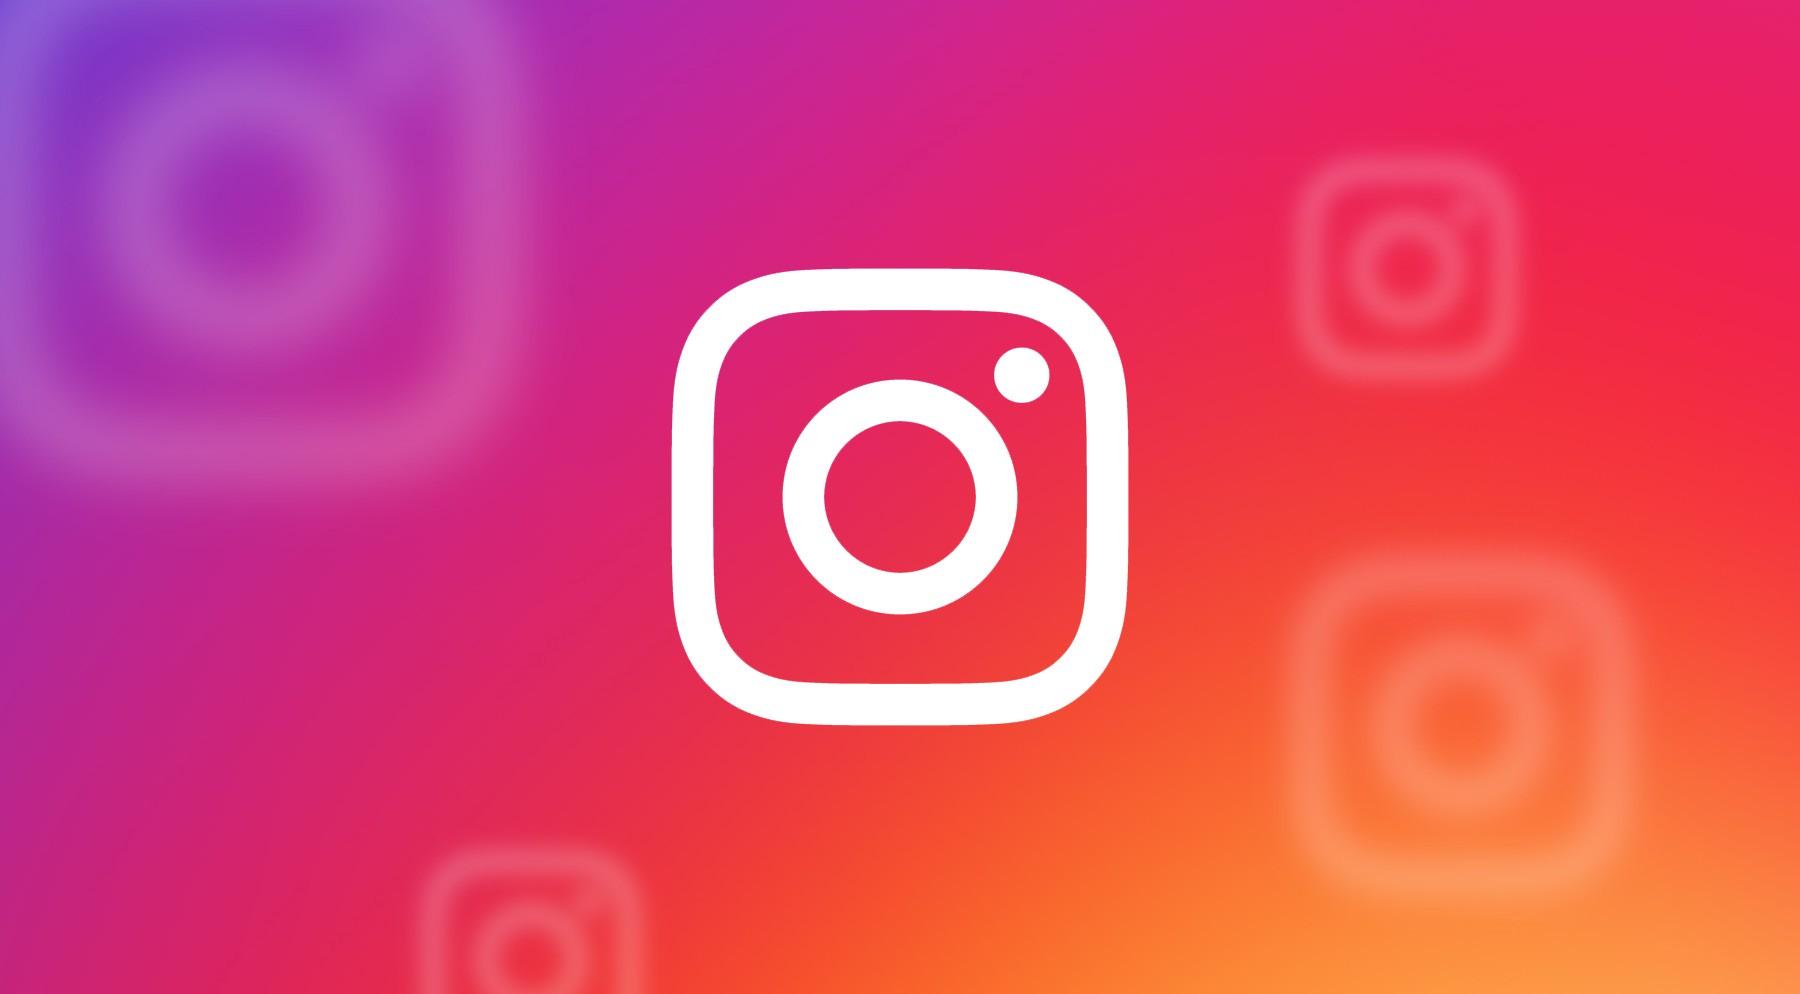 Instagram's logo